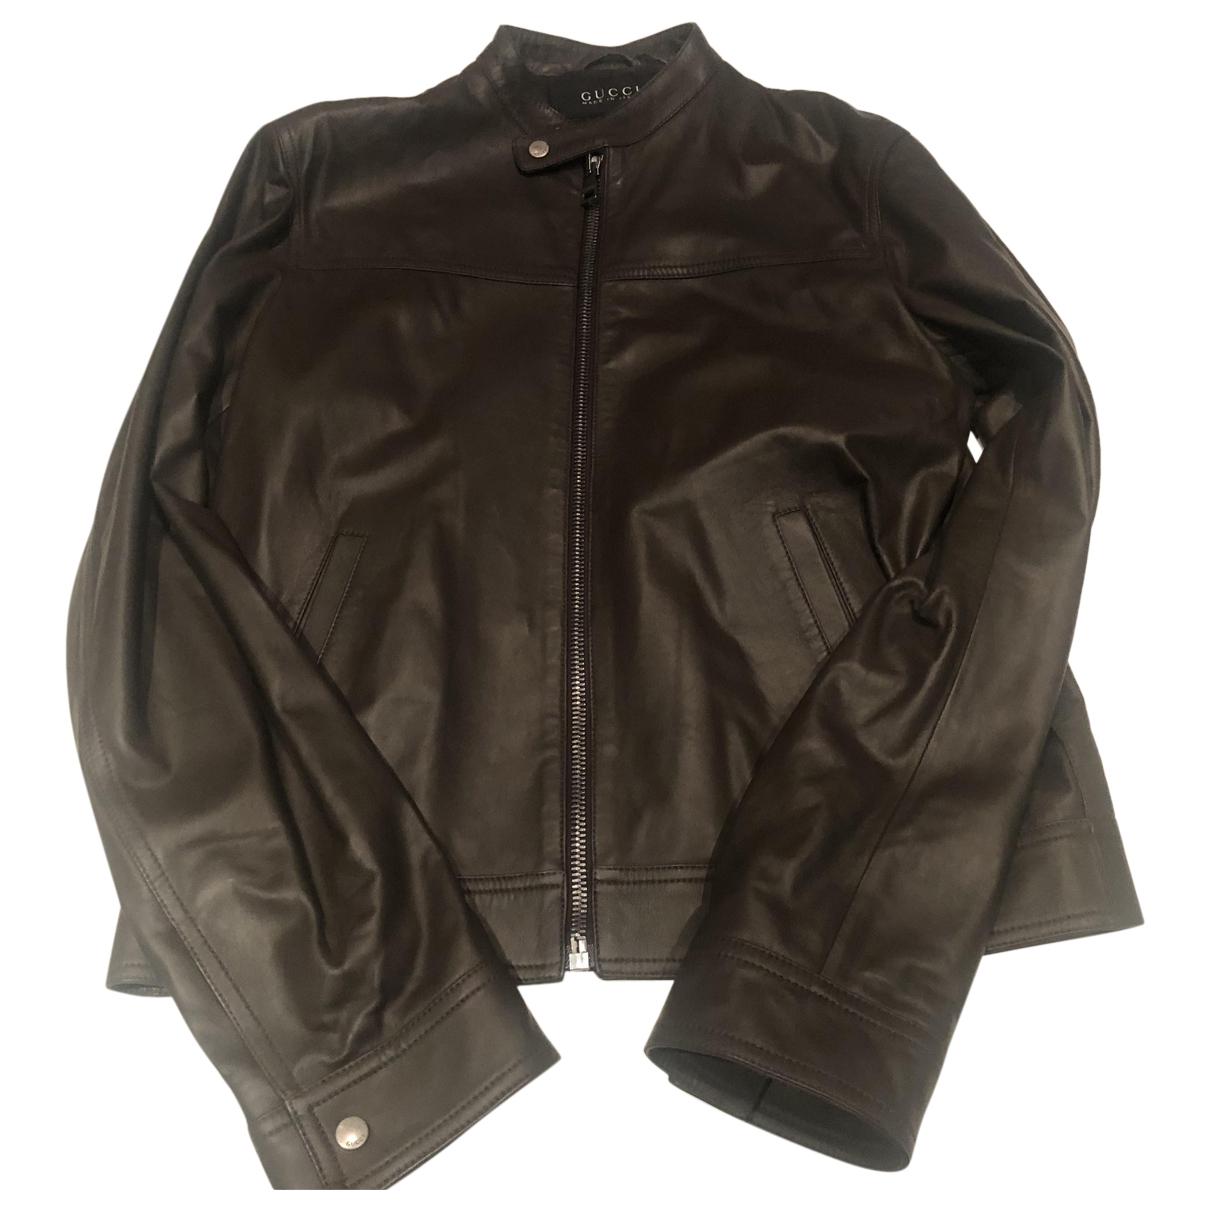 Gucci - Vestes.Blousons   pour homme en cuir - marron